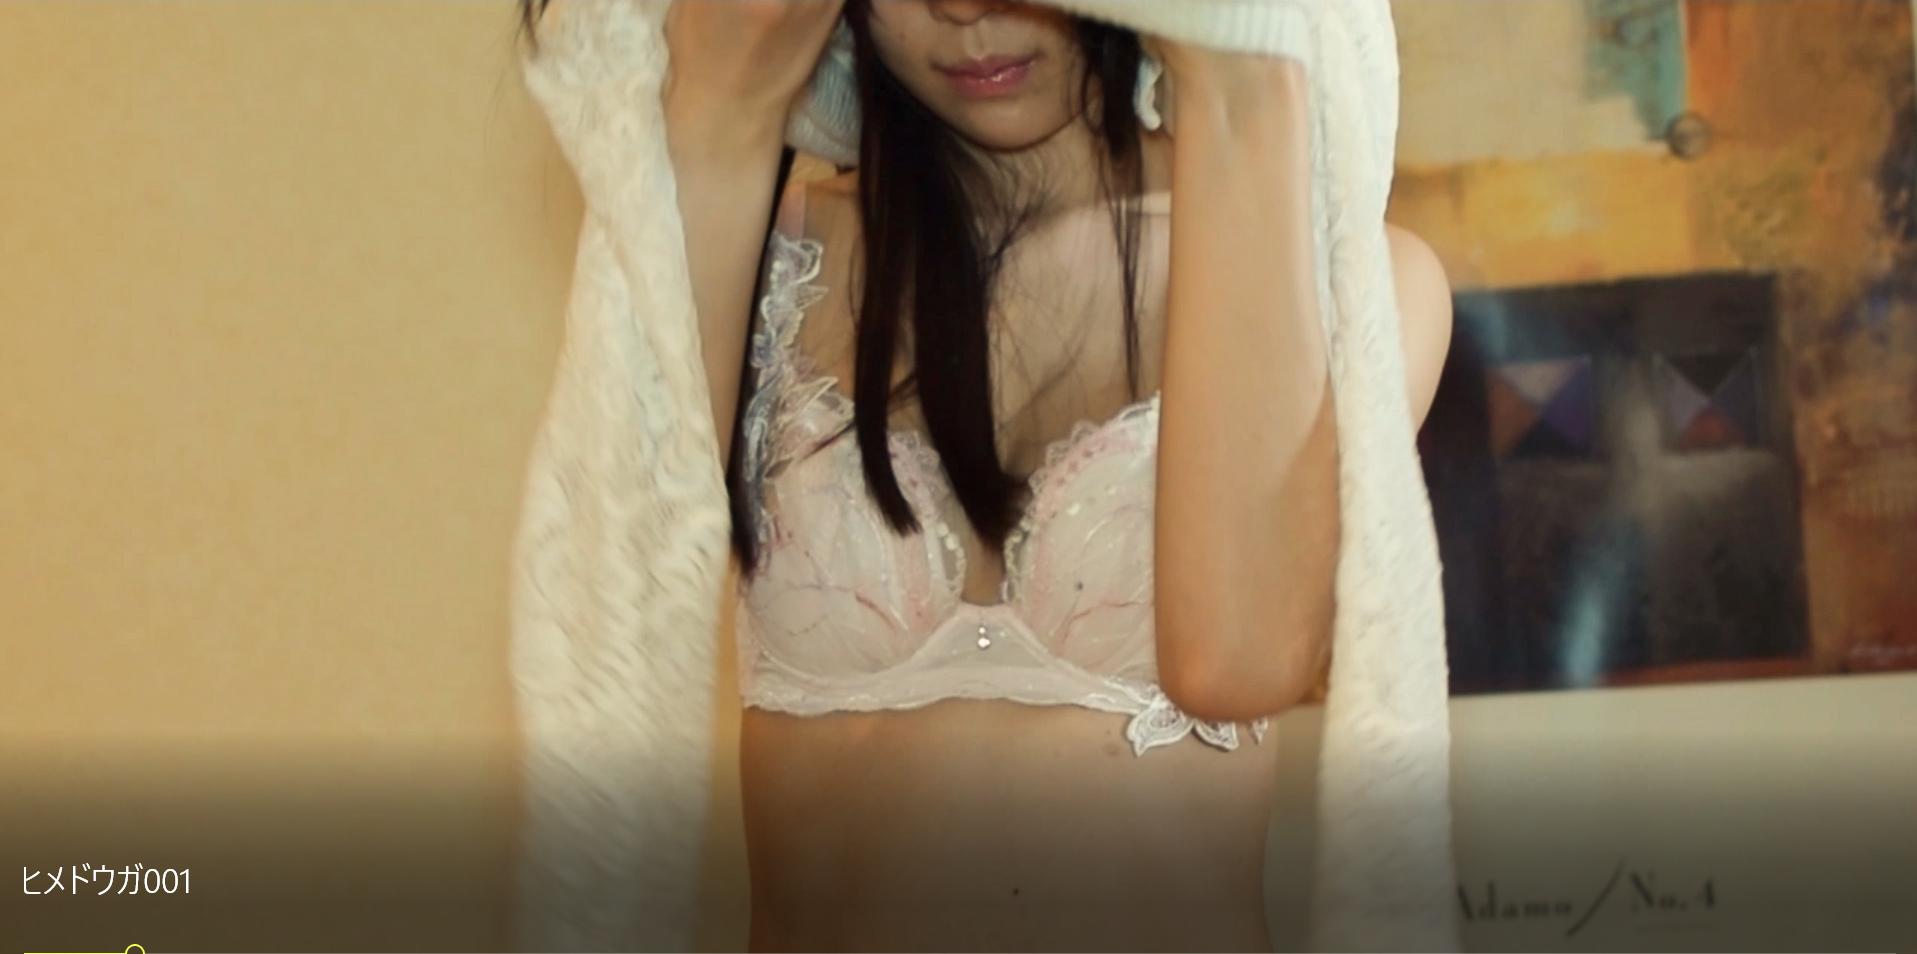 FC2 PPV 751430 【完全素人】JDアキナ18才、スタイル最高、アニメ声、隠語連発、緊縛セックス